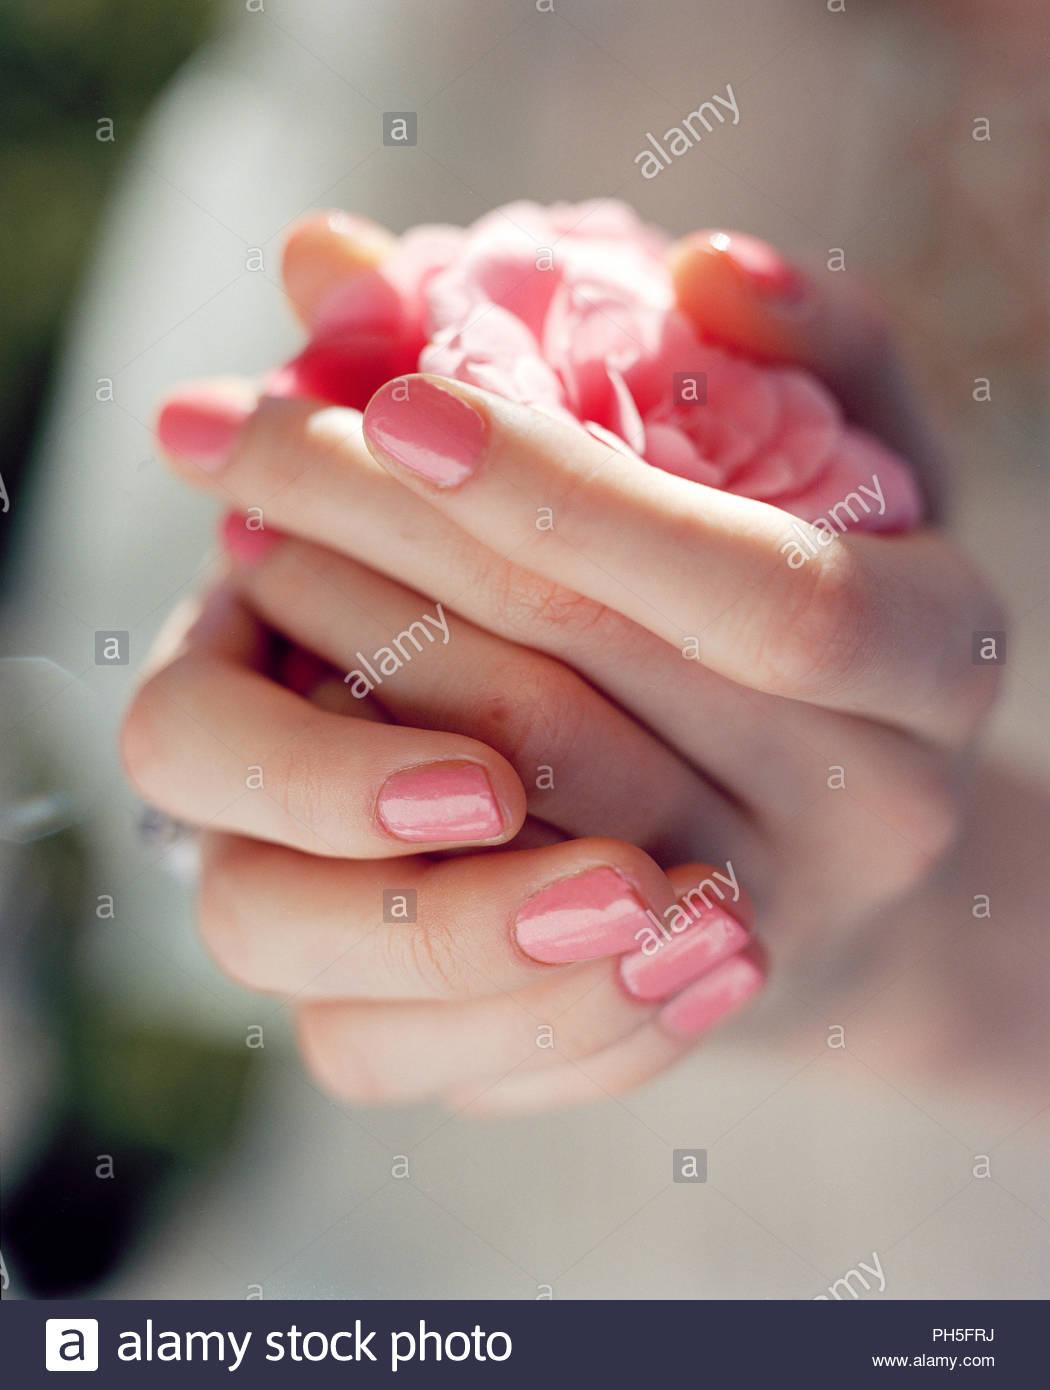 buona reputazione miglior sito web comprare Donna che indossa le mani rosa smalto per unghie Foto & Immagine ...